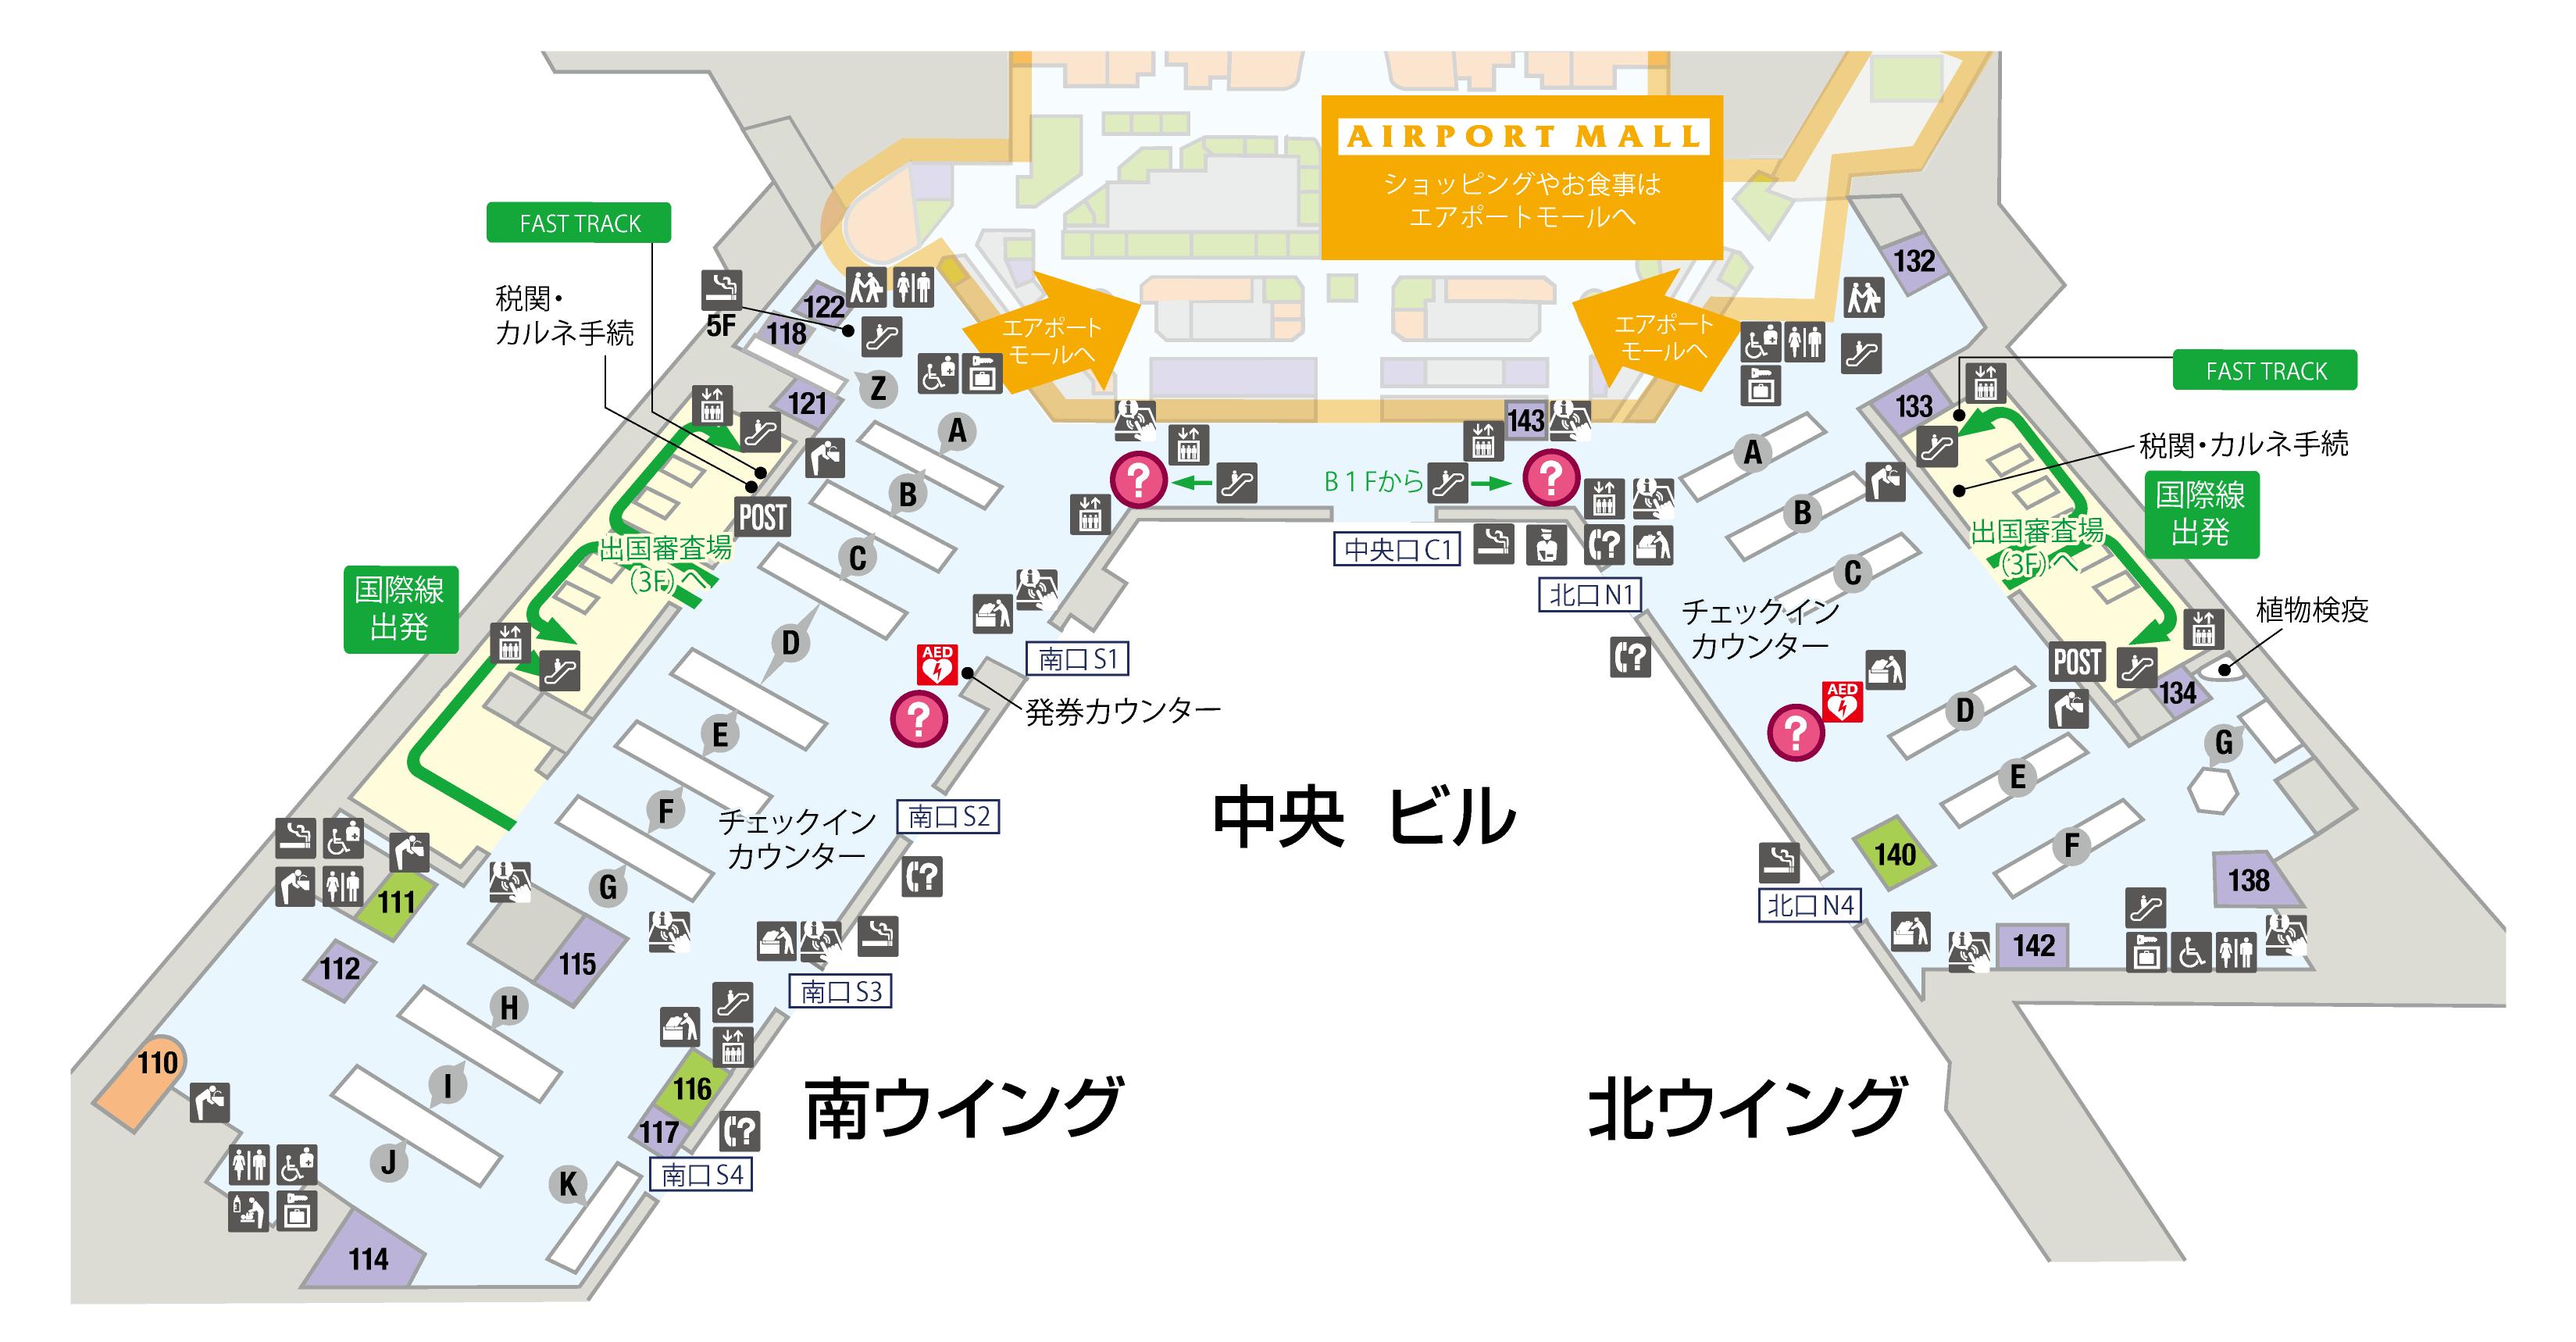 フロアマップ 成田国際空港公式webサイト